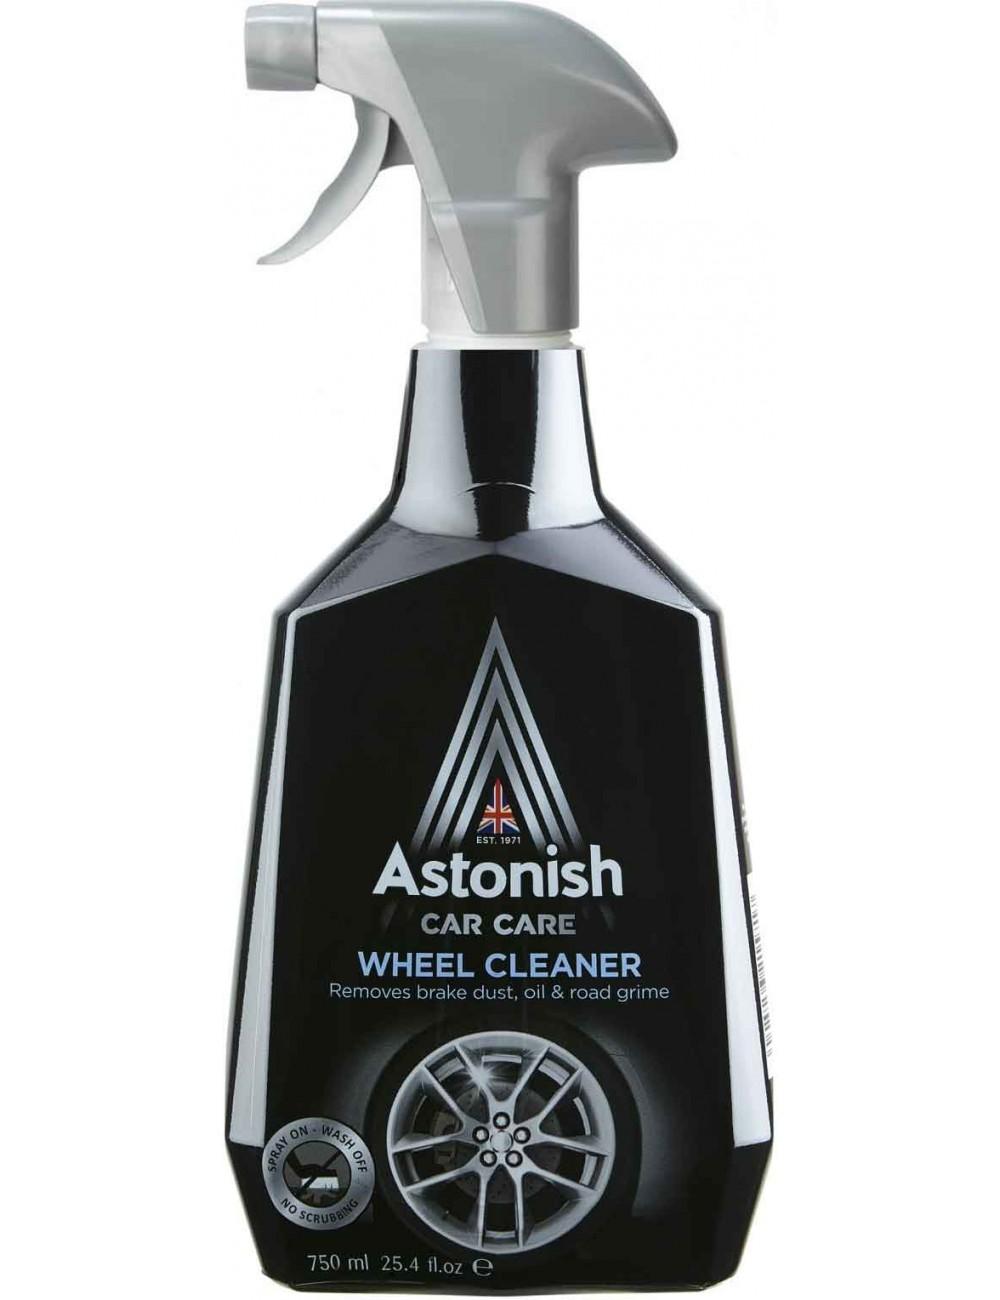 Astonish Car Wheel Cleaner Angielski Środek do Czyszczenia Felg Samochodowych 750 ml